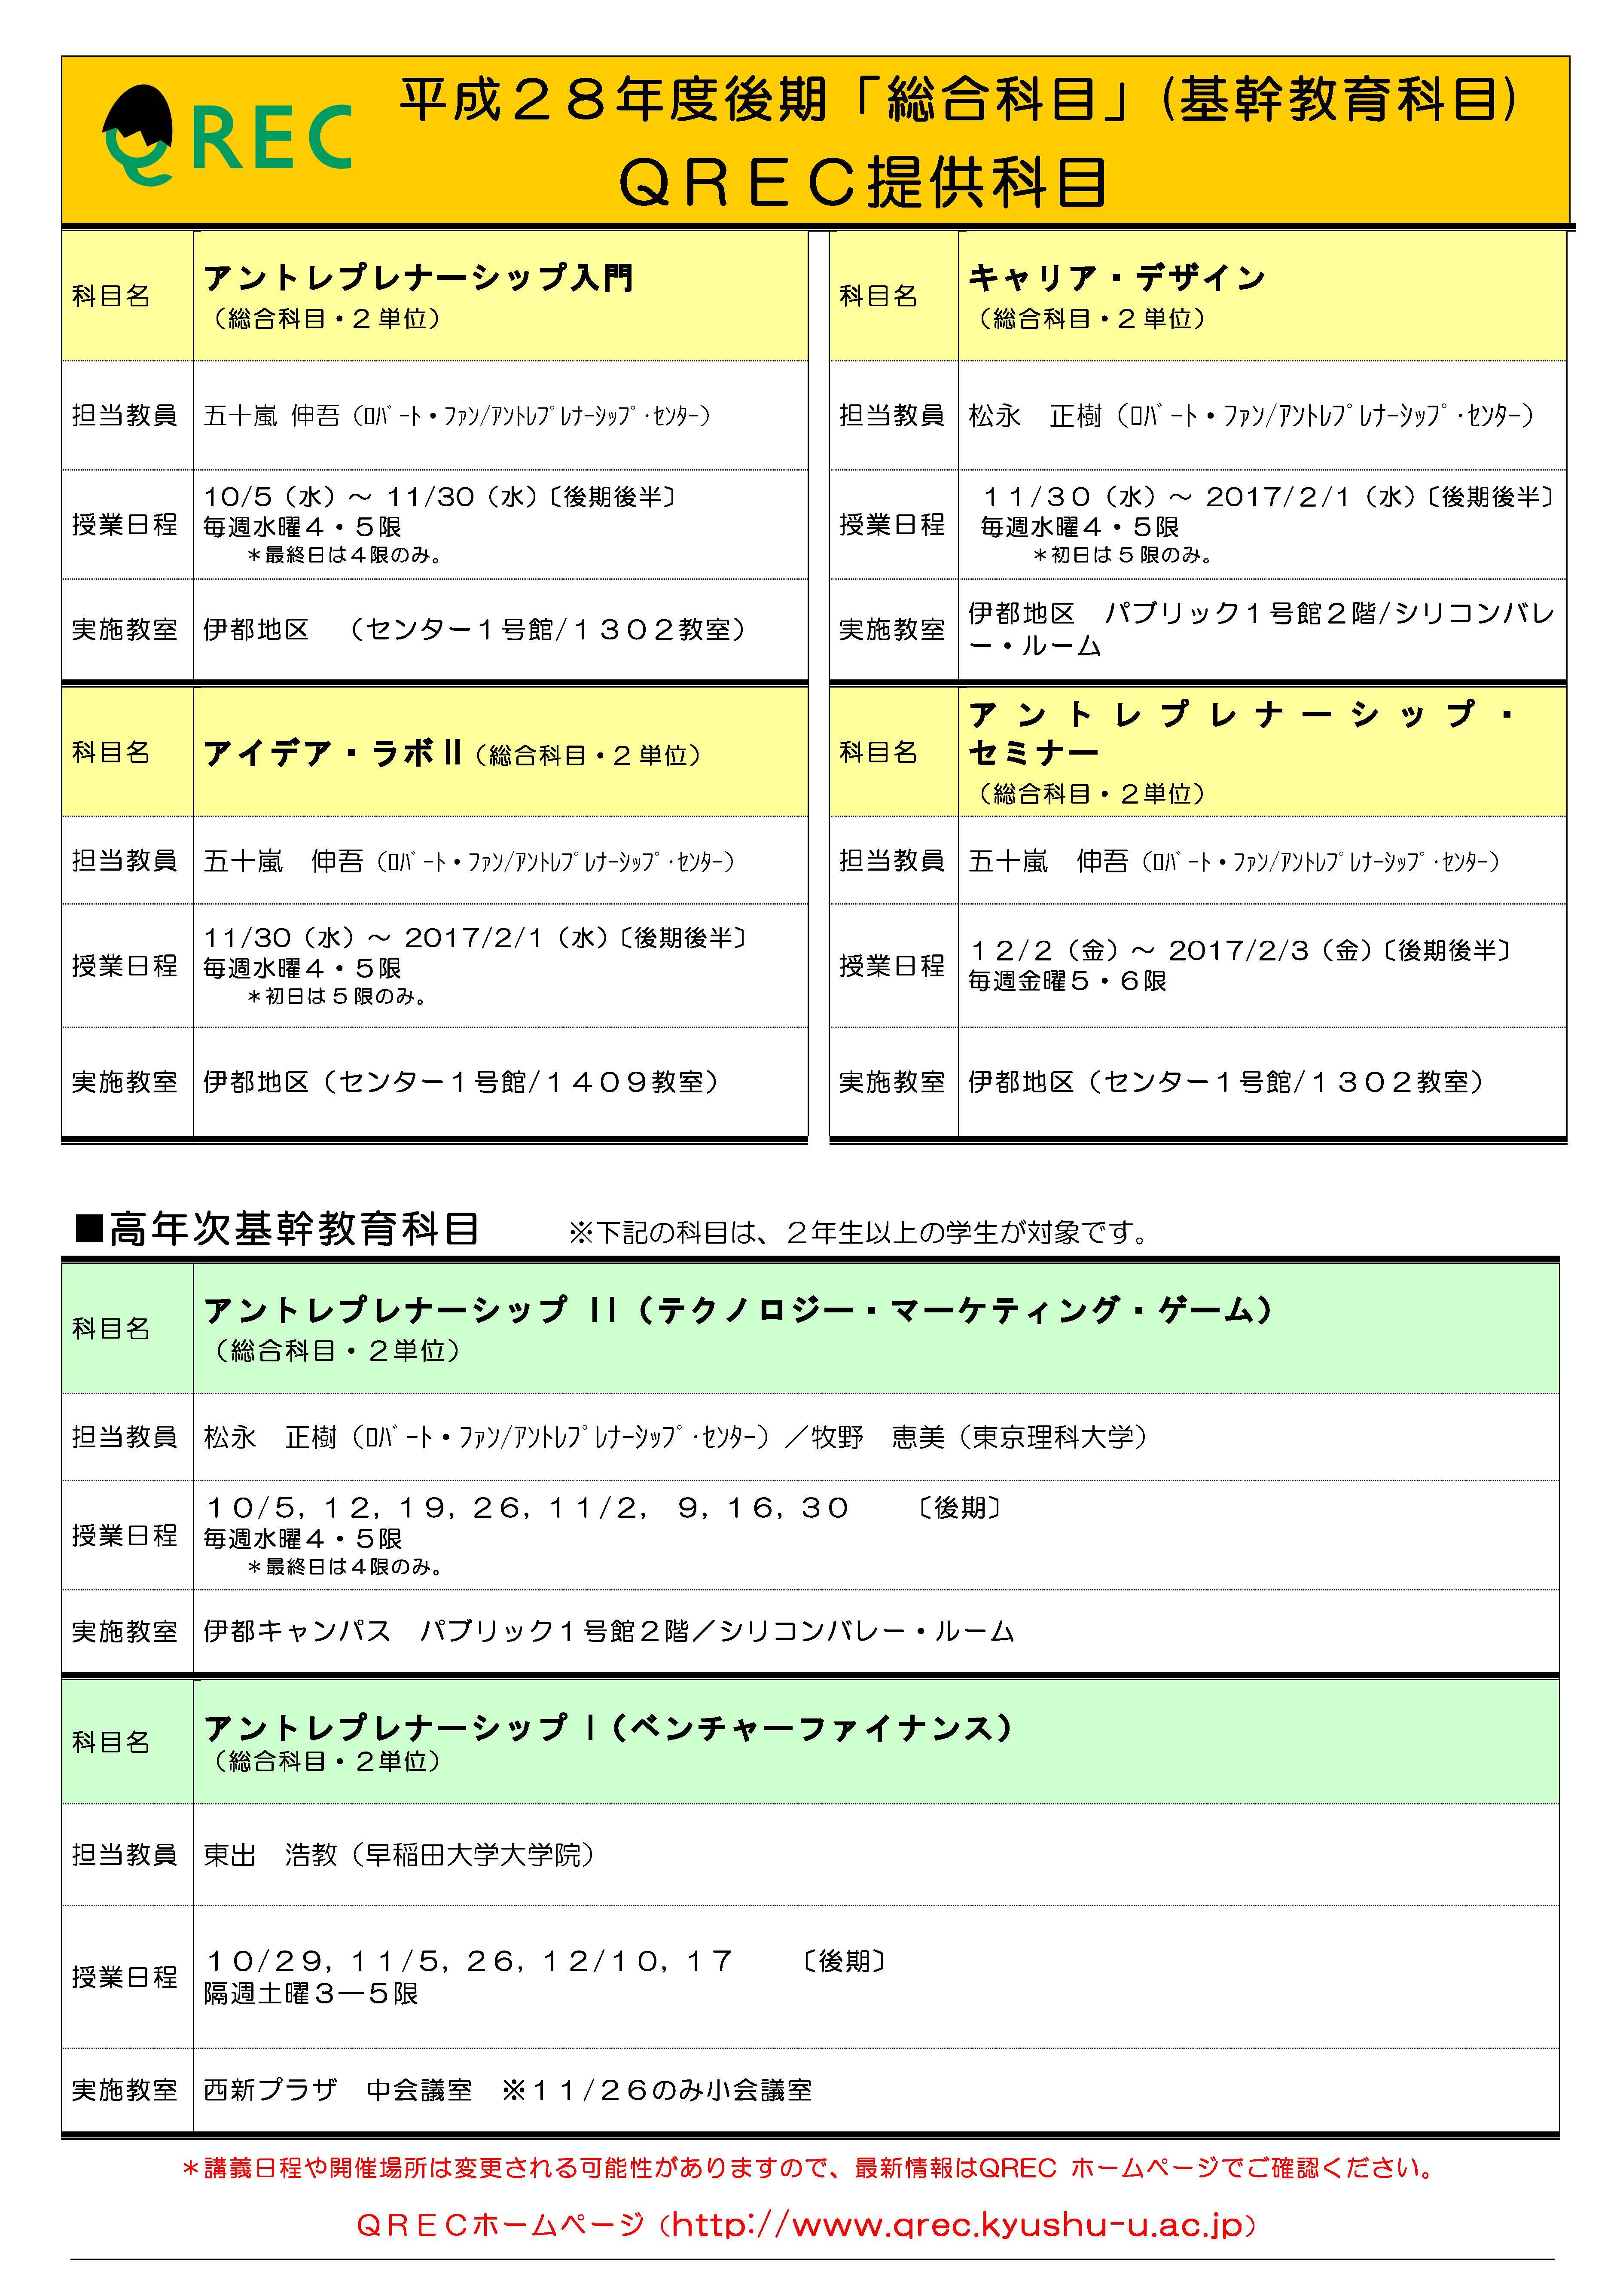 【掲示②】A3判_QREC科目講義(H28後期)_QREC版_ページ_1